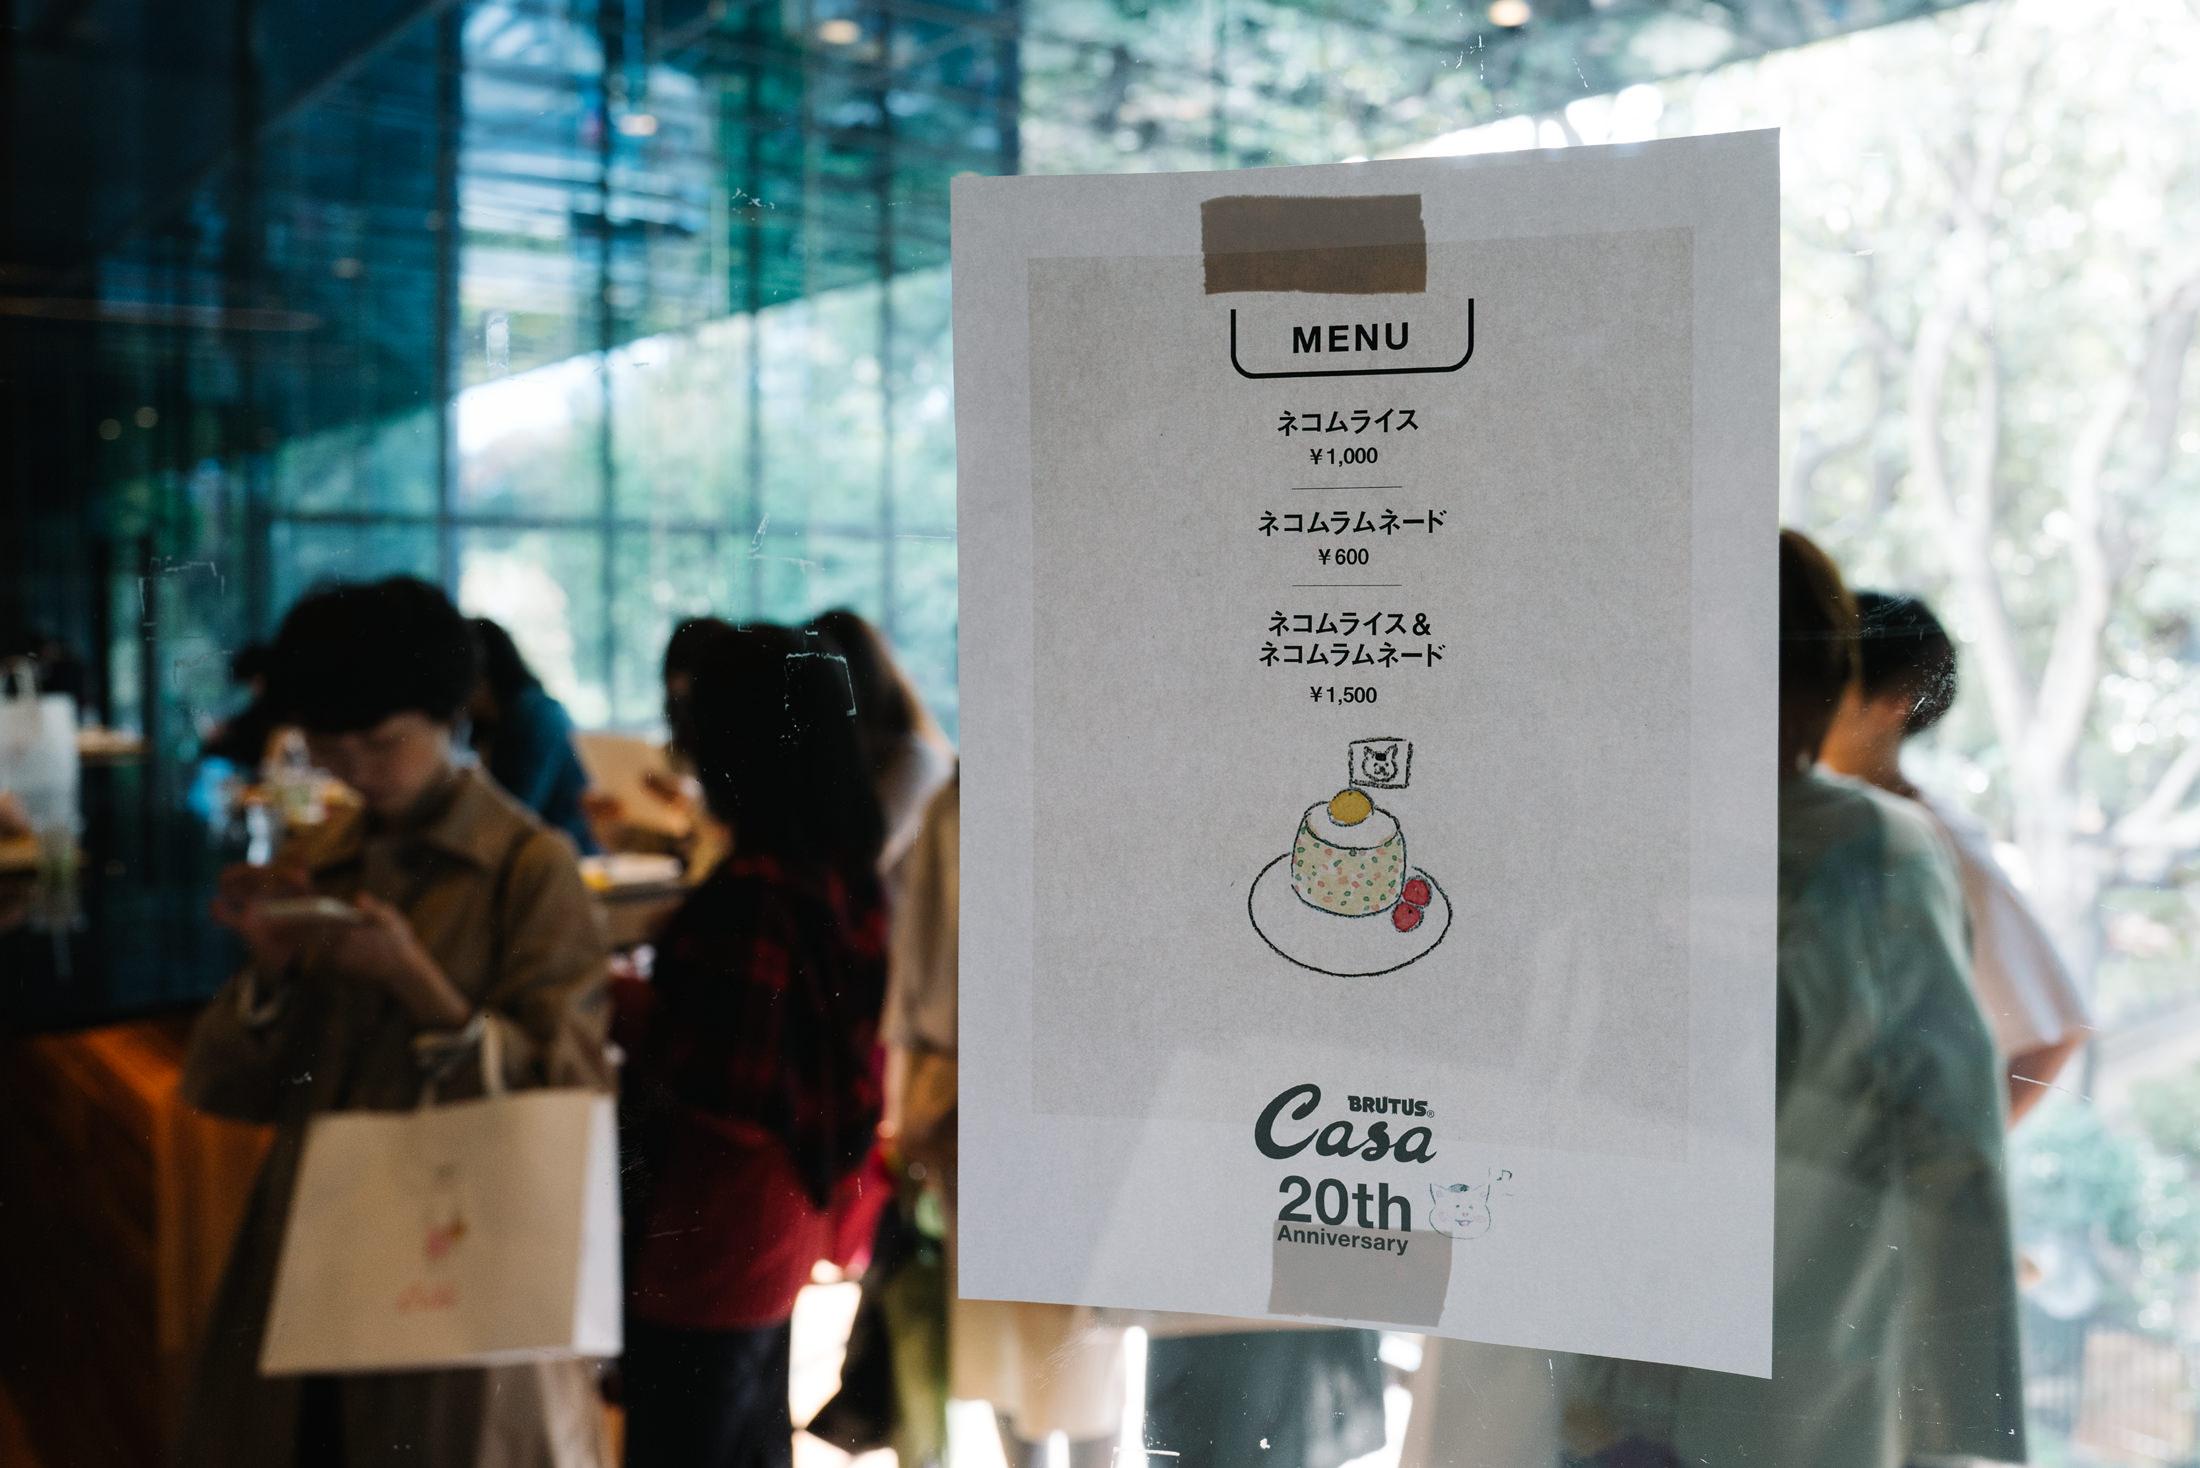 『カーサ ブルータス』創刊20周年イベント・猫村さんモバイル茶室プロジェクト「夢のネコムーランド」